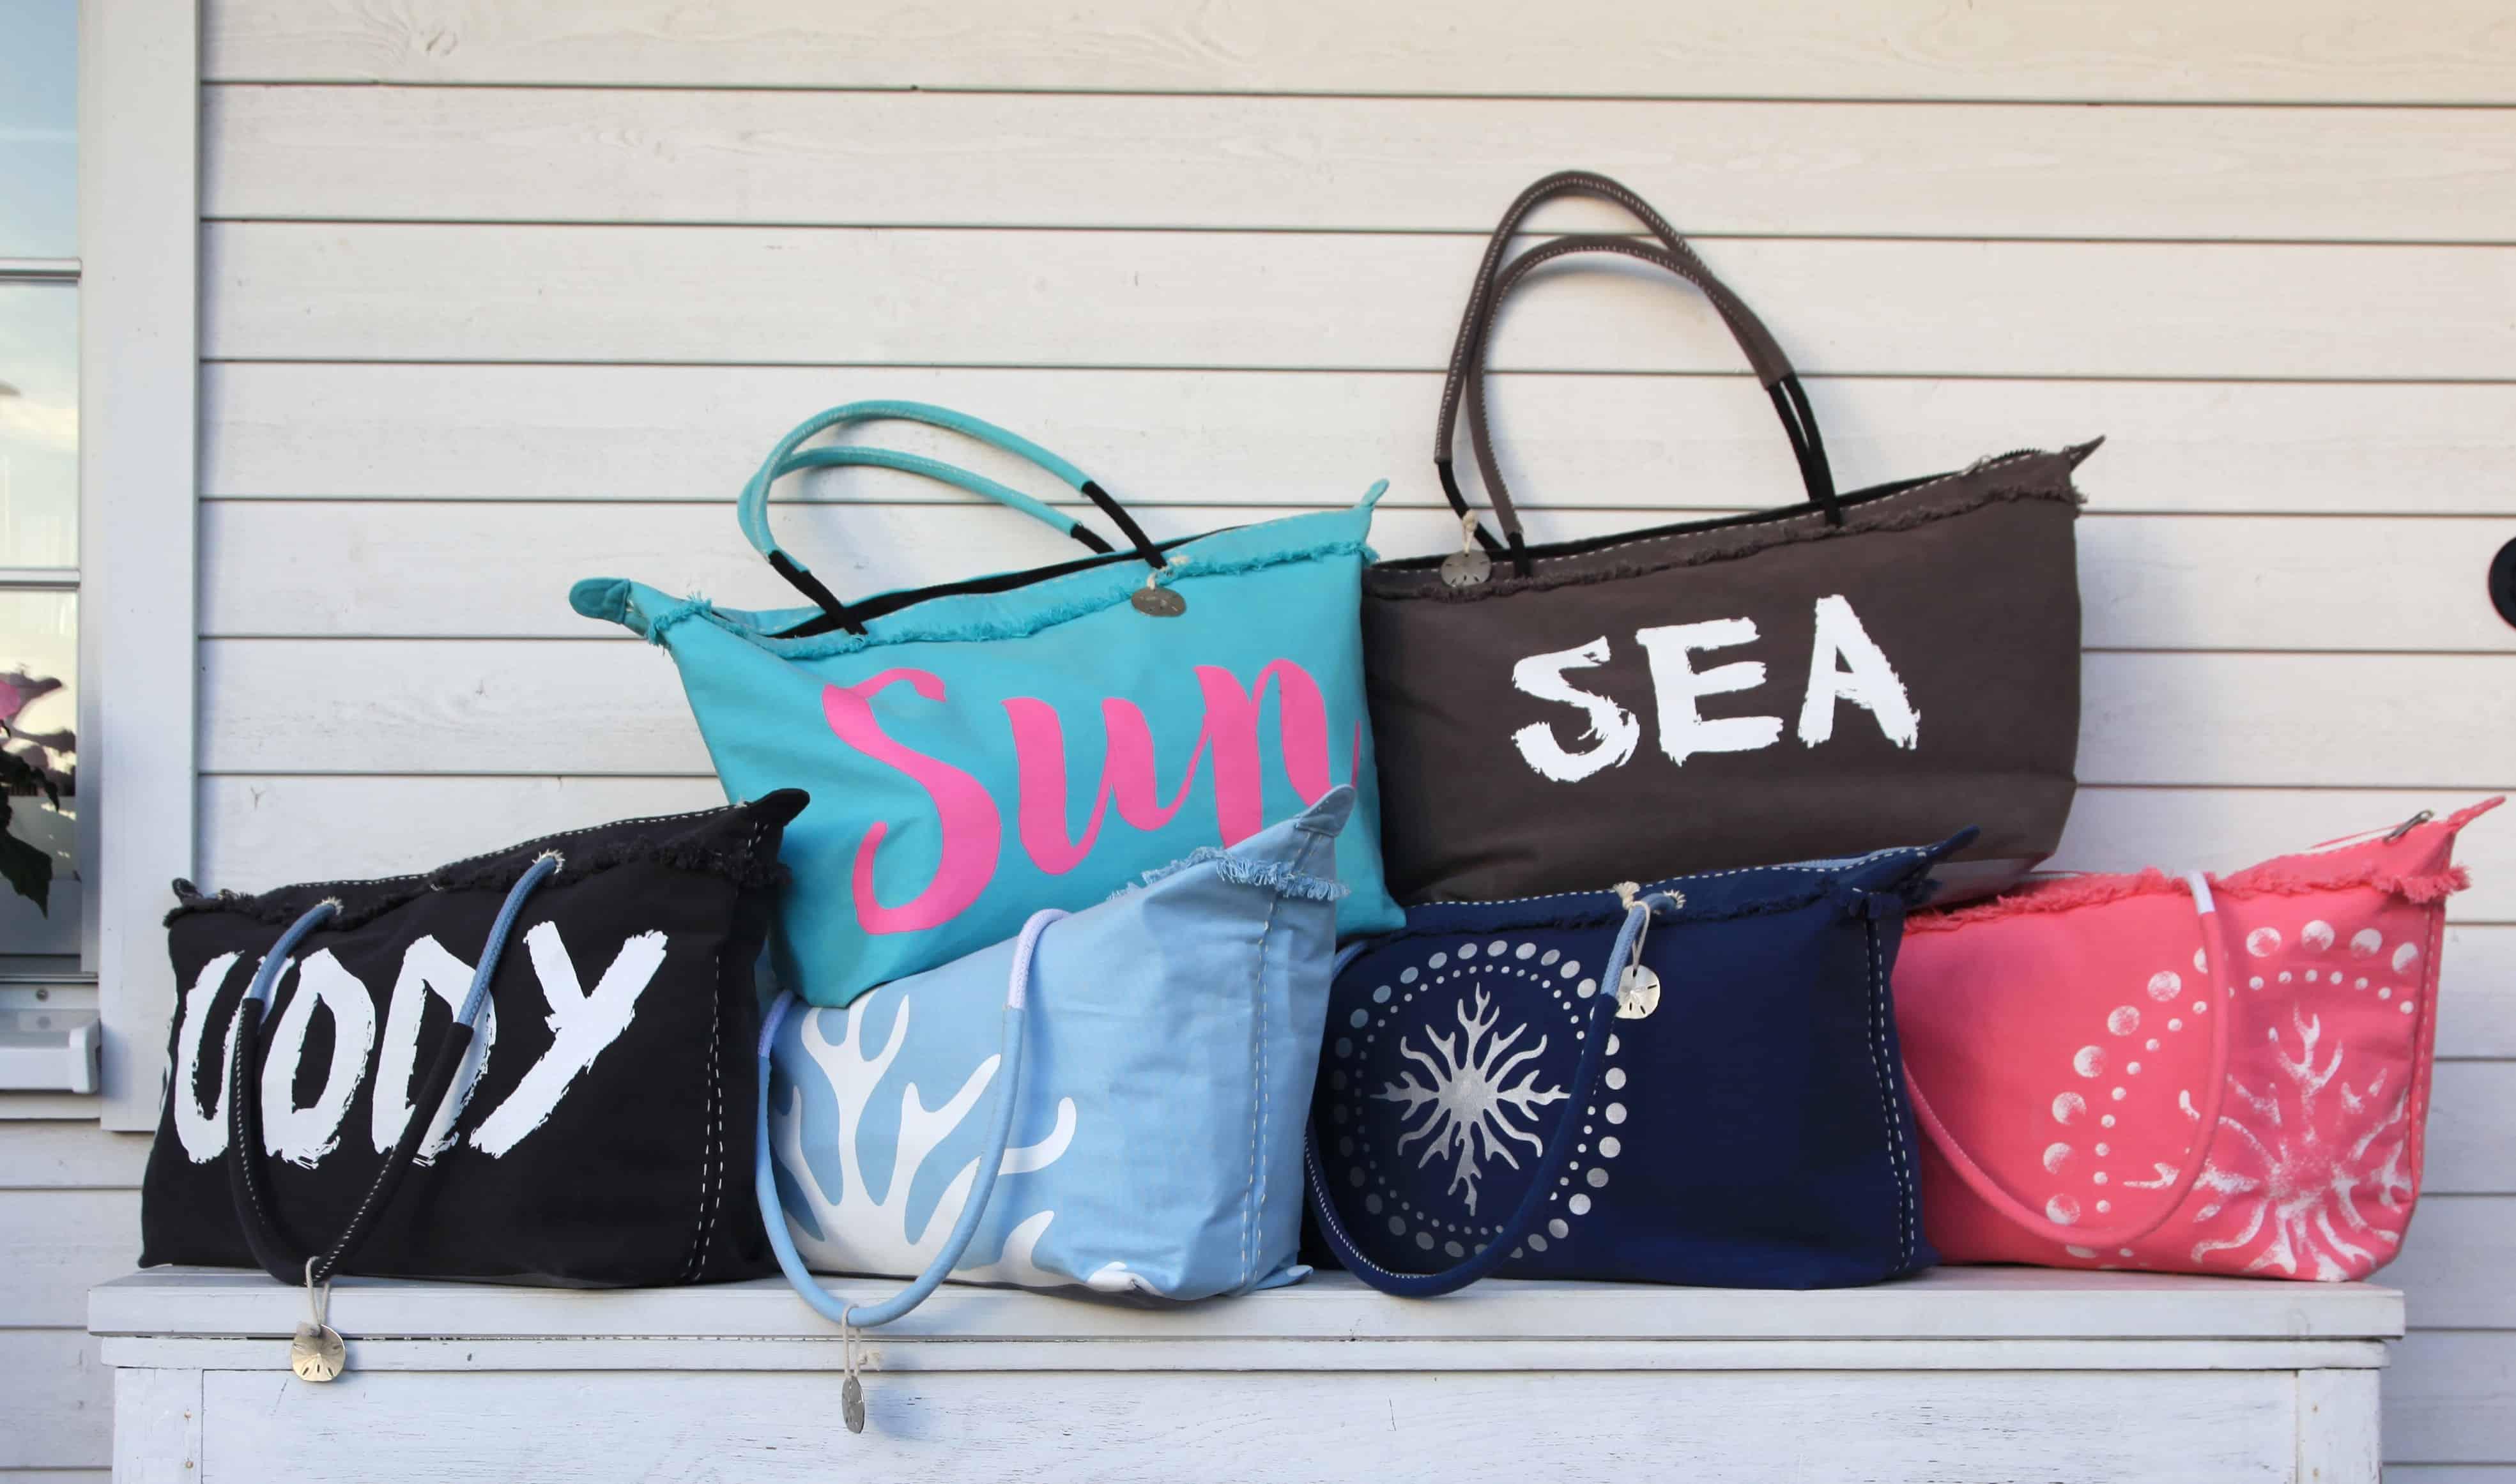 6055f21cd Bolsa de praia: Como escolher a melhor em 2019? | REVIEWBOX